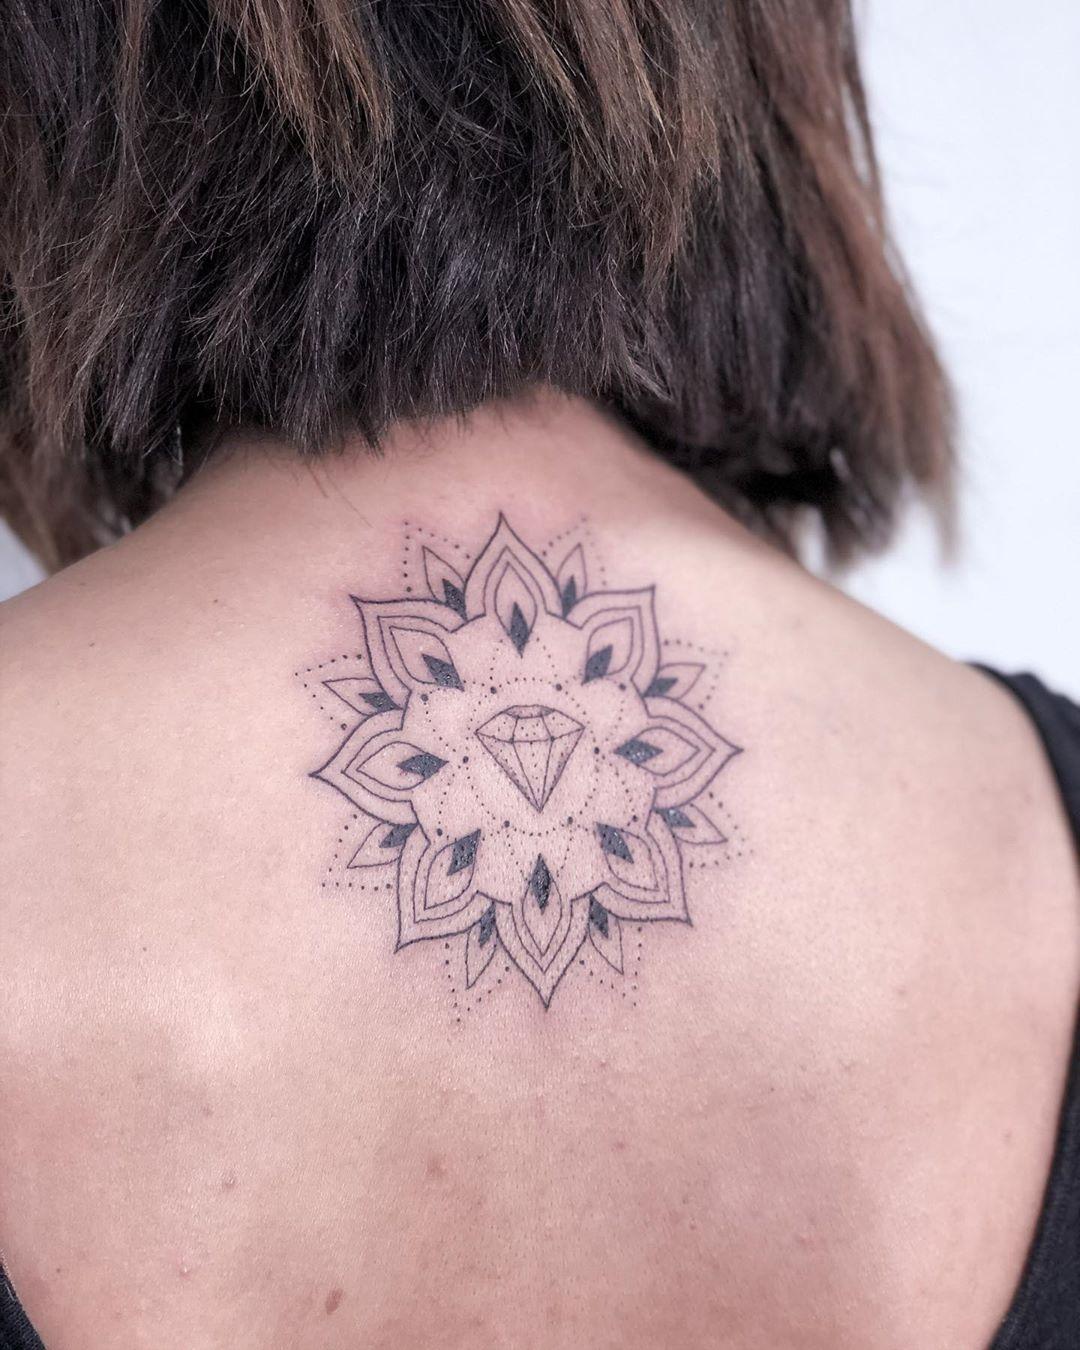 Inksearch tattoo Ferrousik